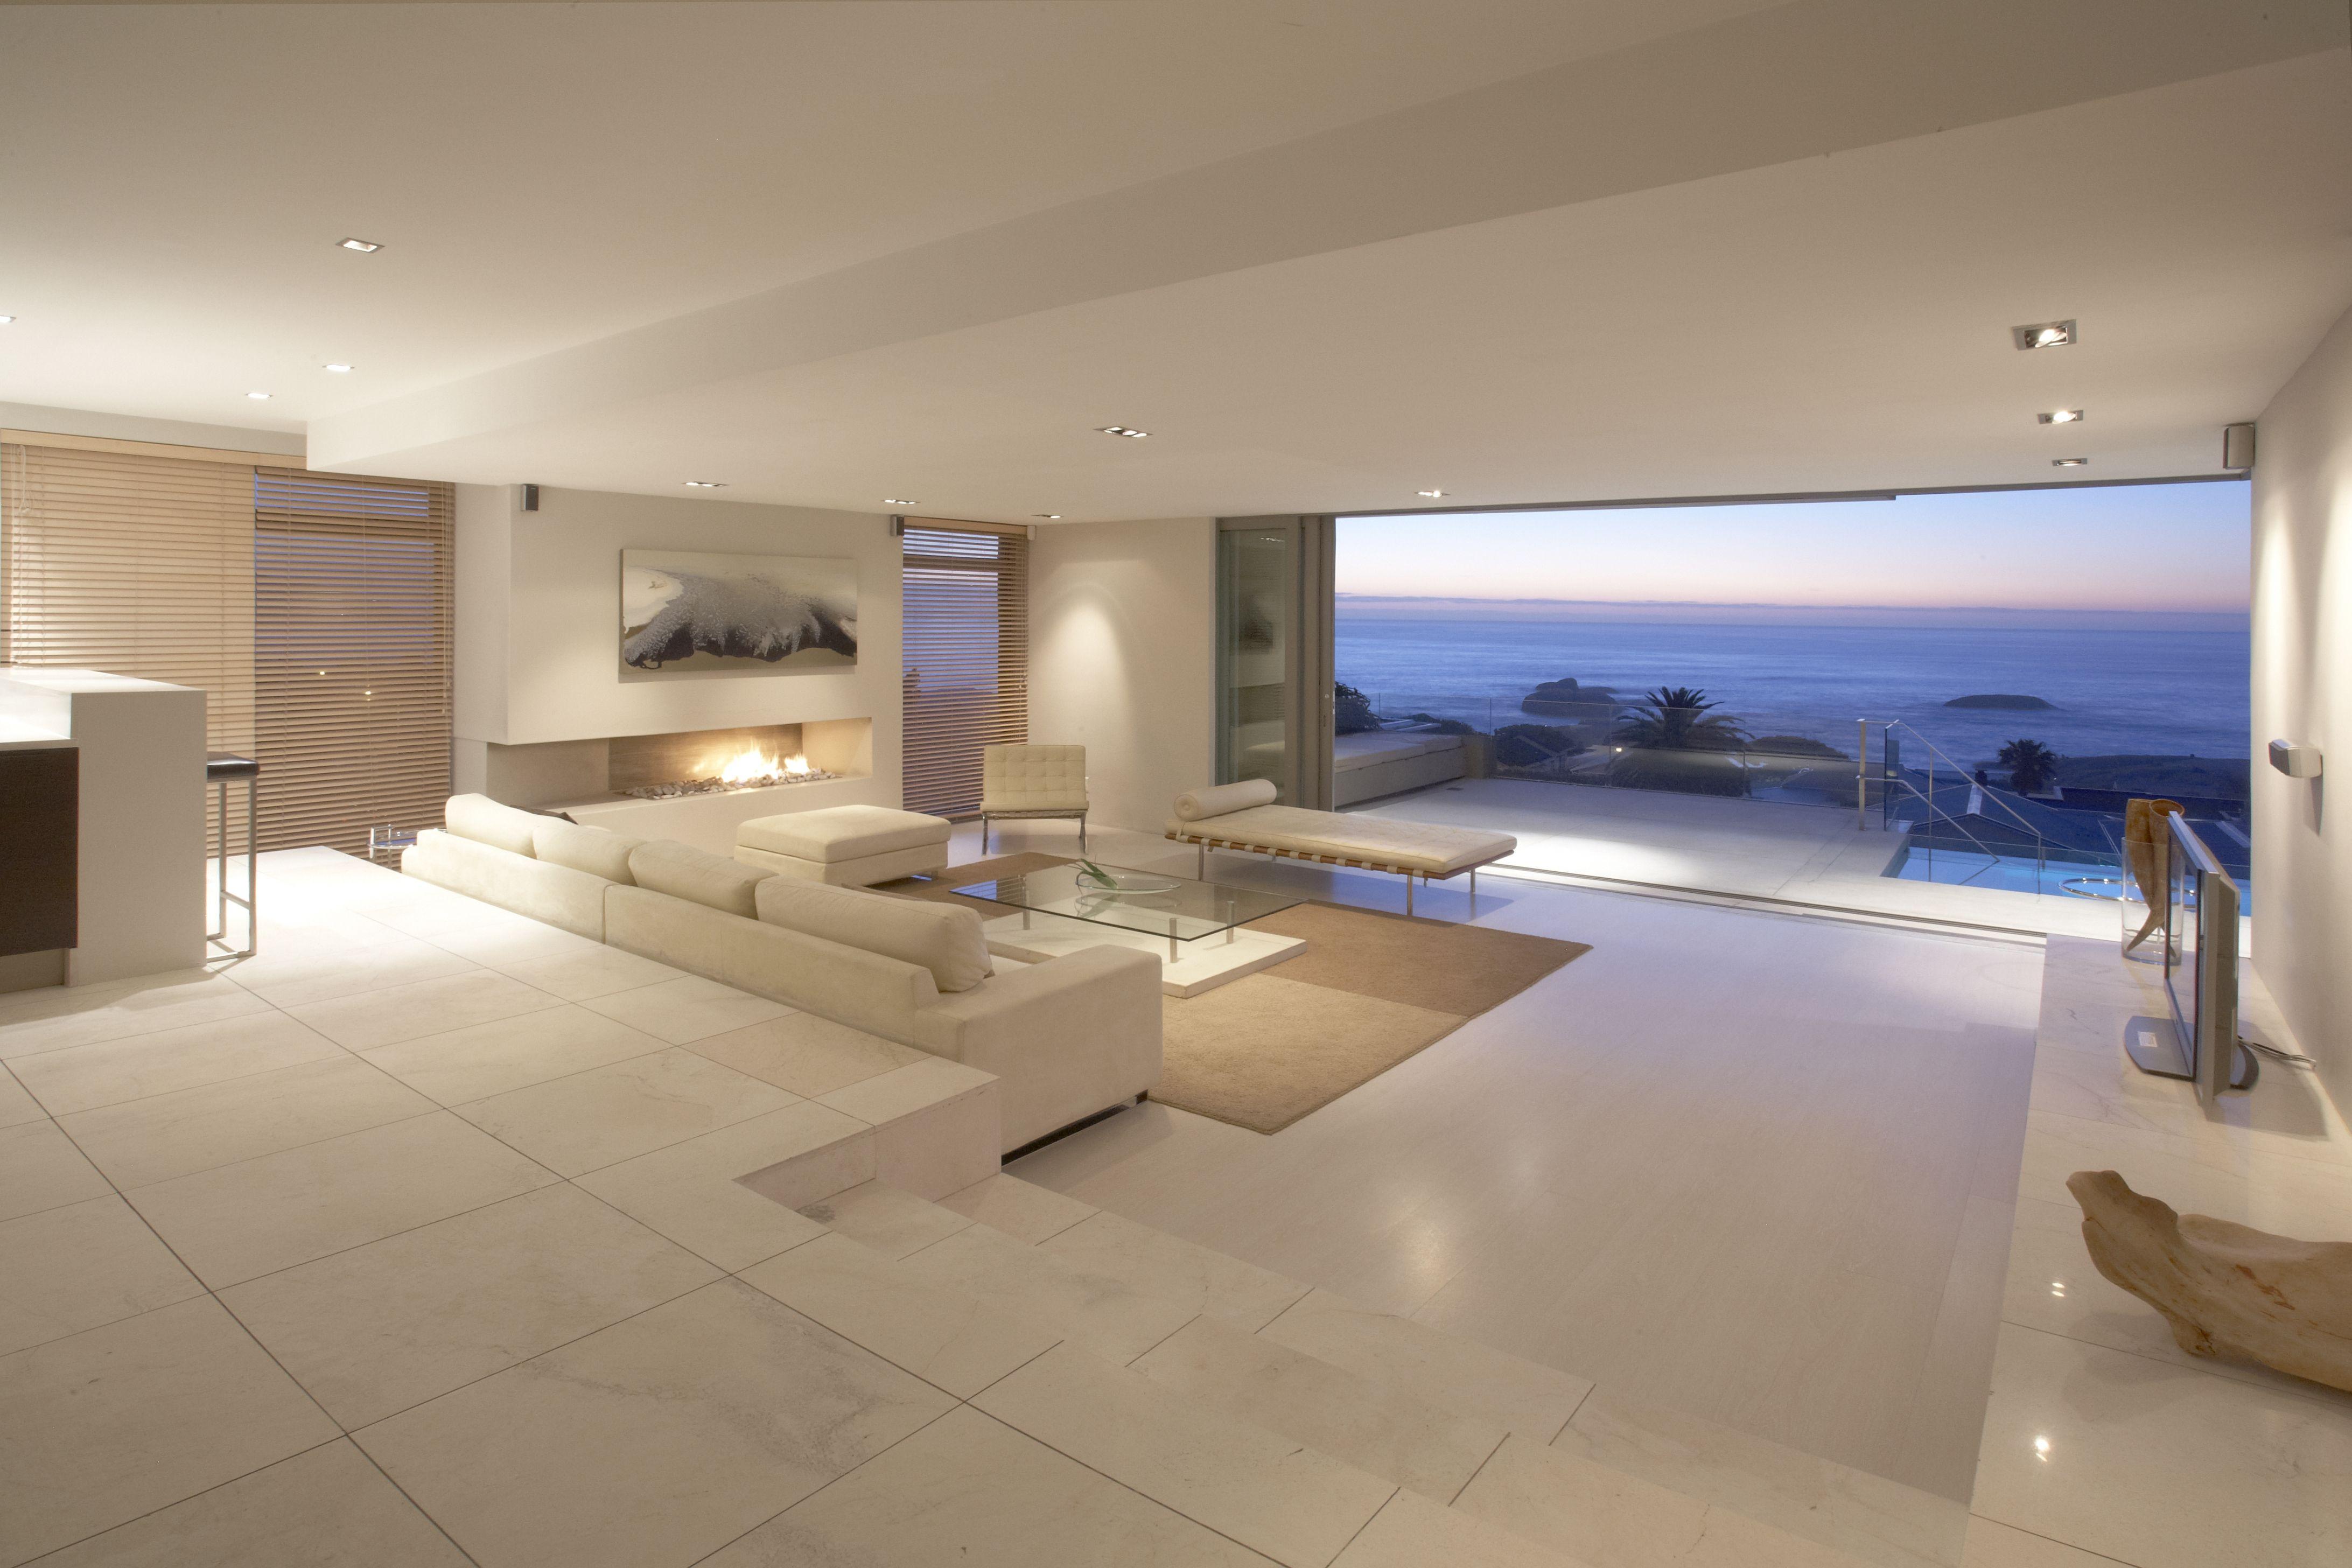 luxus villa rotterdam einrichtung kolenik, salon de lujo en una villa de 3 plantas (penthouse) situada en camps, Design ideen